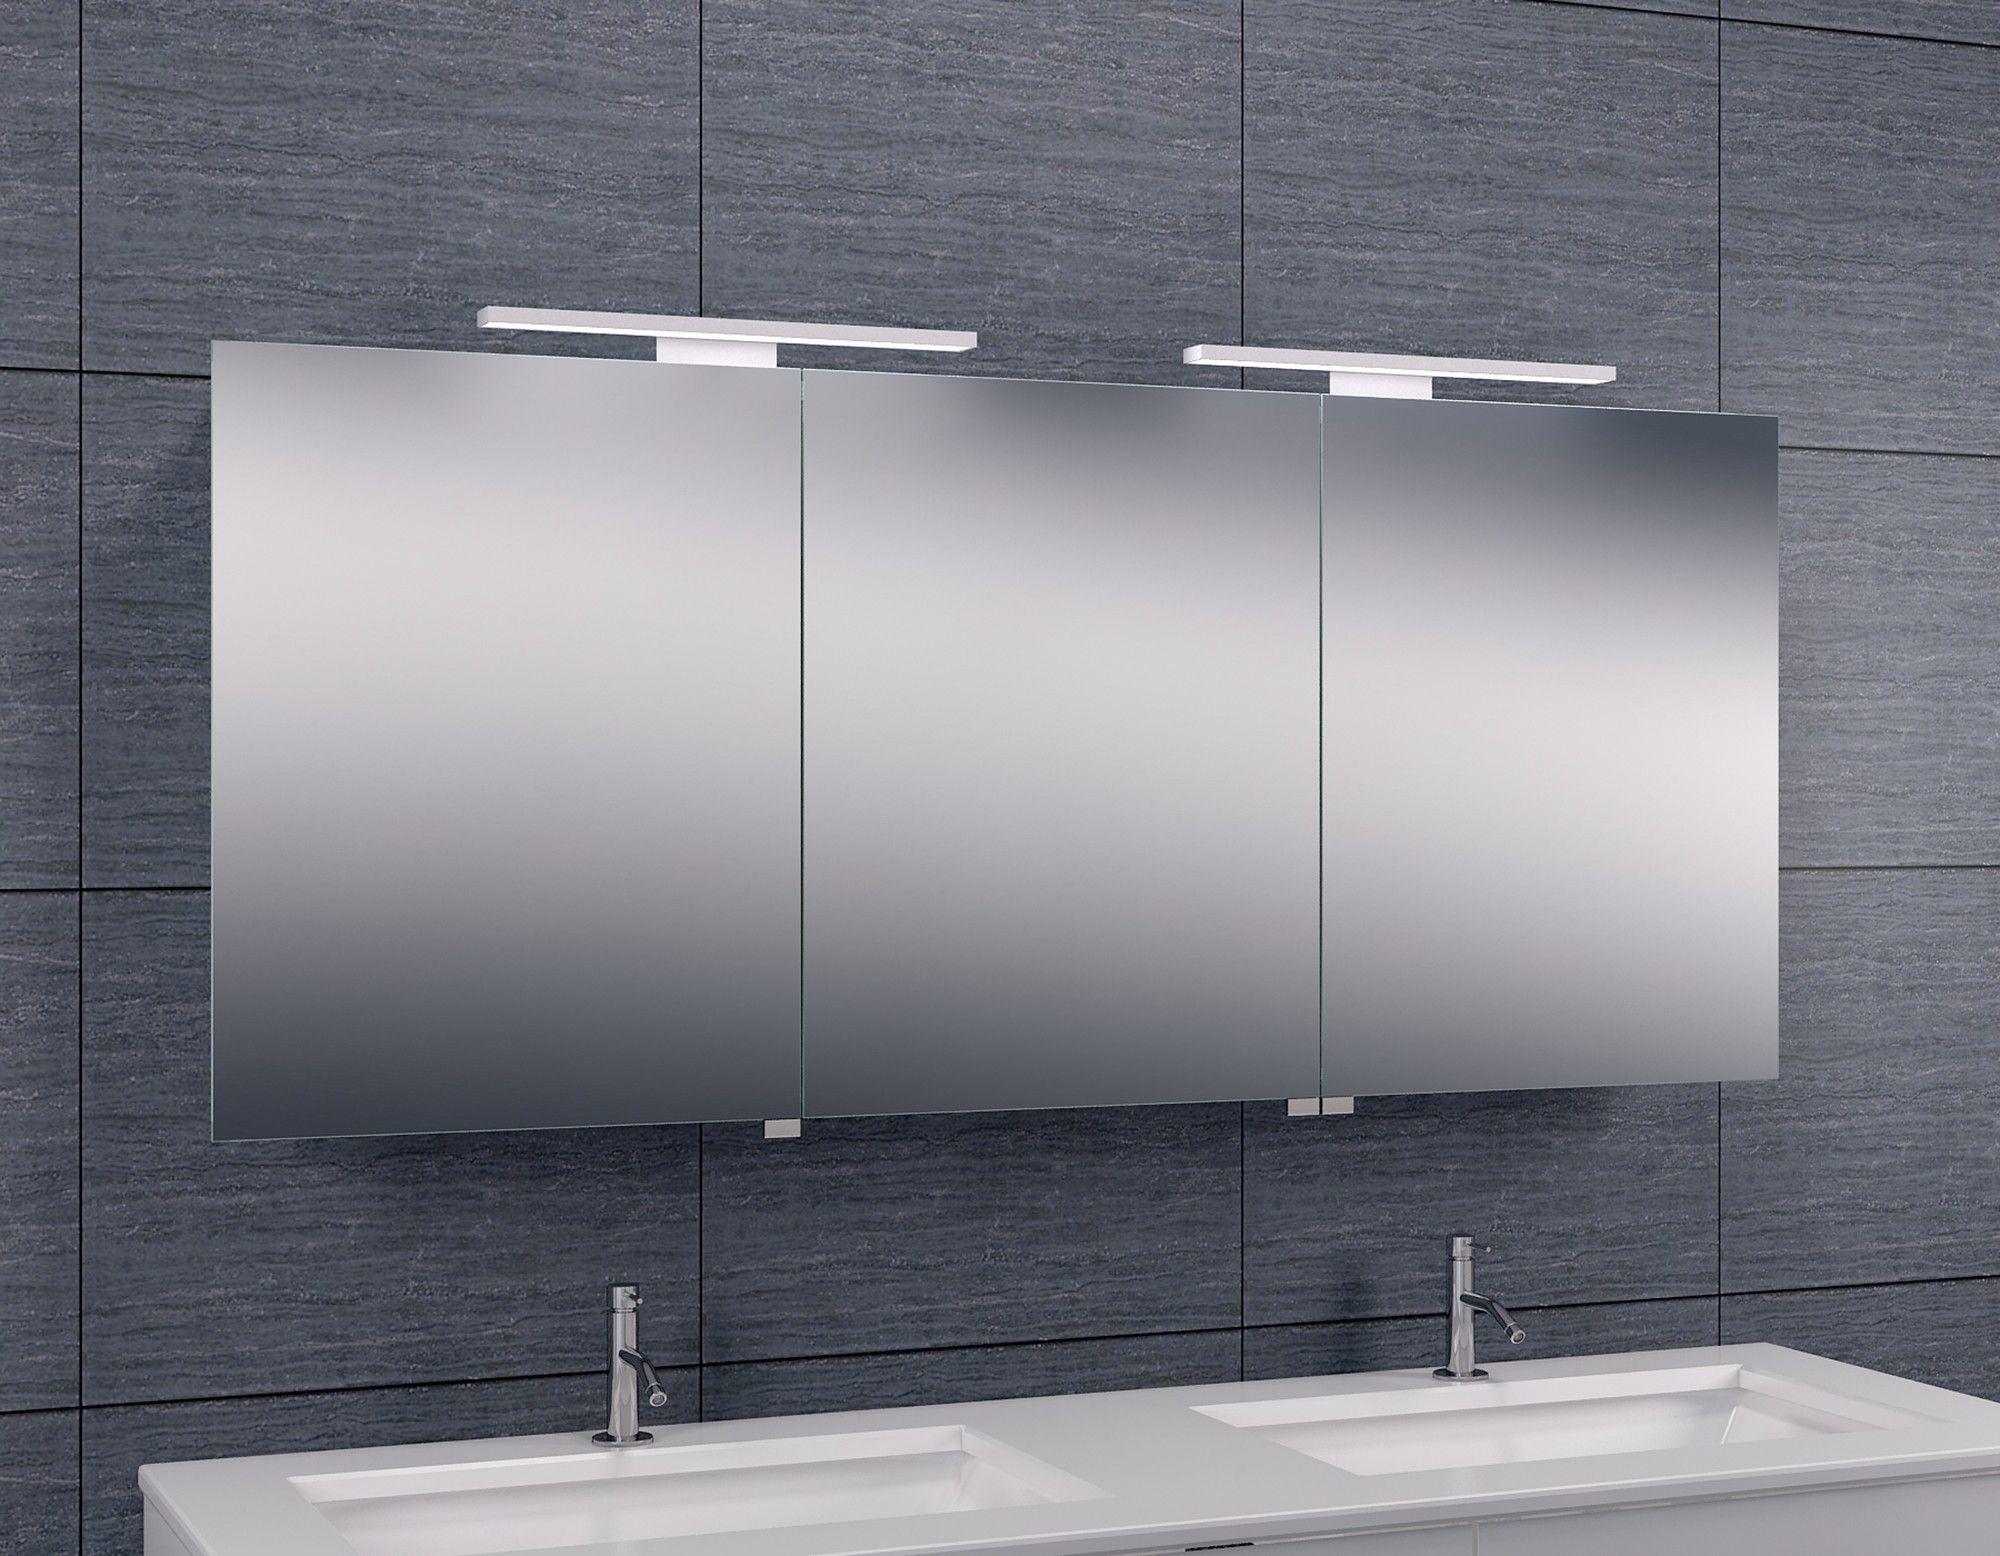 Luxe spiegelkast led verlichting 140x60x14cm 38.4155 badkamer